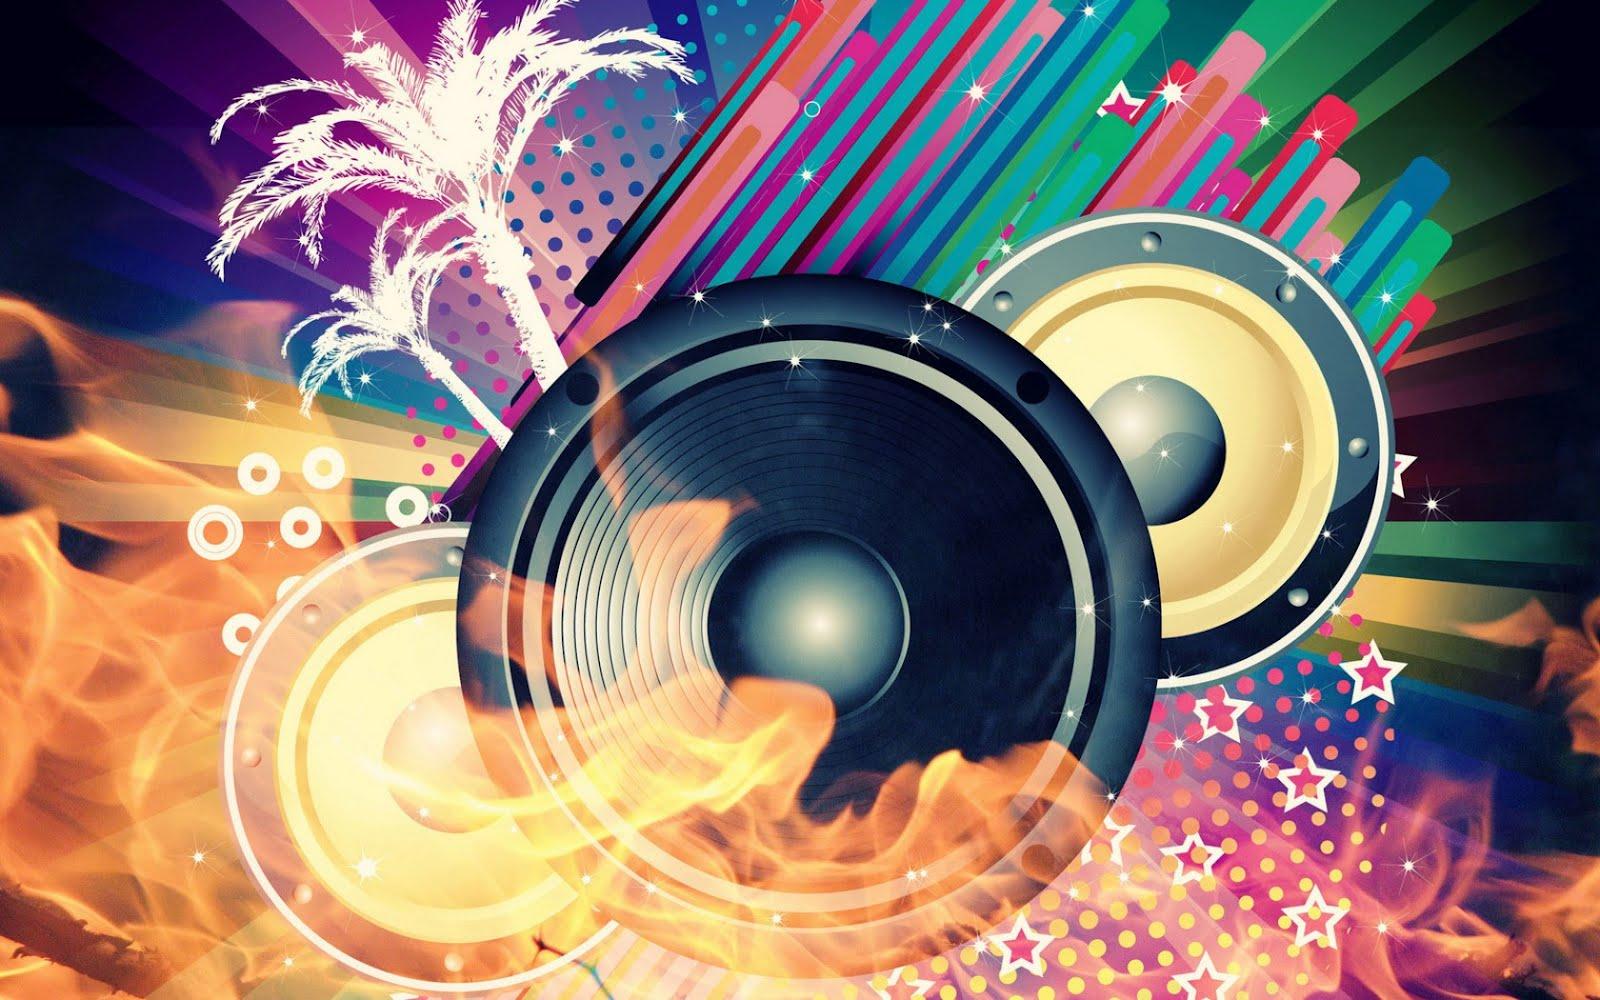 Wallpapers Hd 3d Music: Trololo Blogg: Wallpapers 3d Dj Gratis